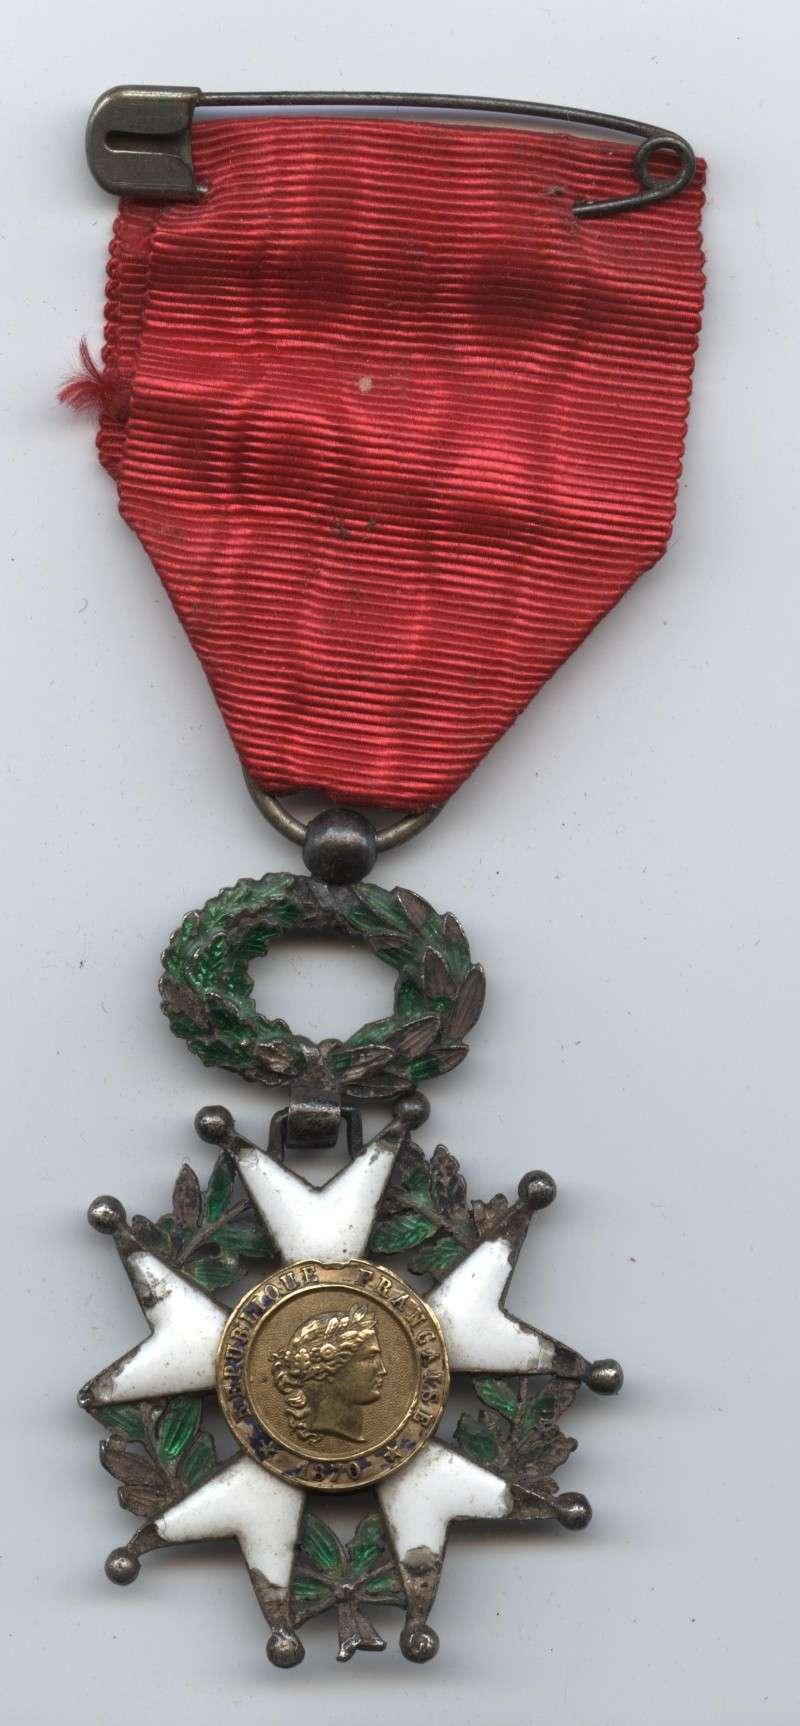 Une croix de la Légion d'Honneur de 1870 Lagion11